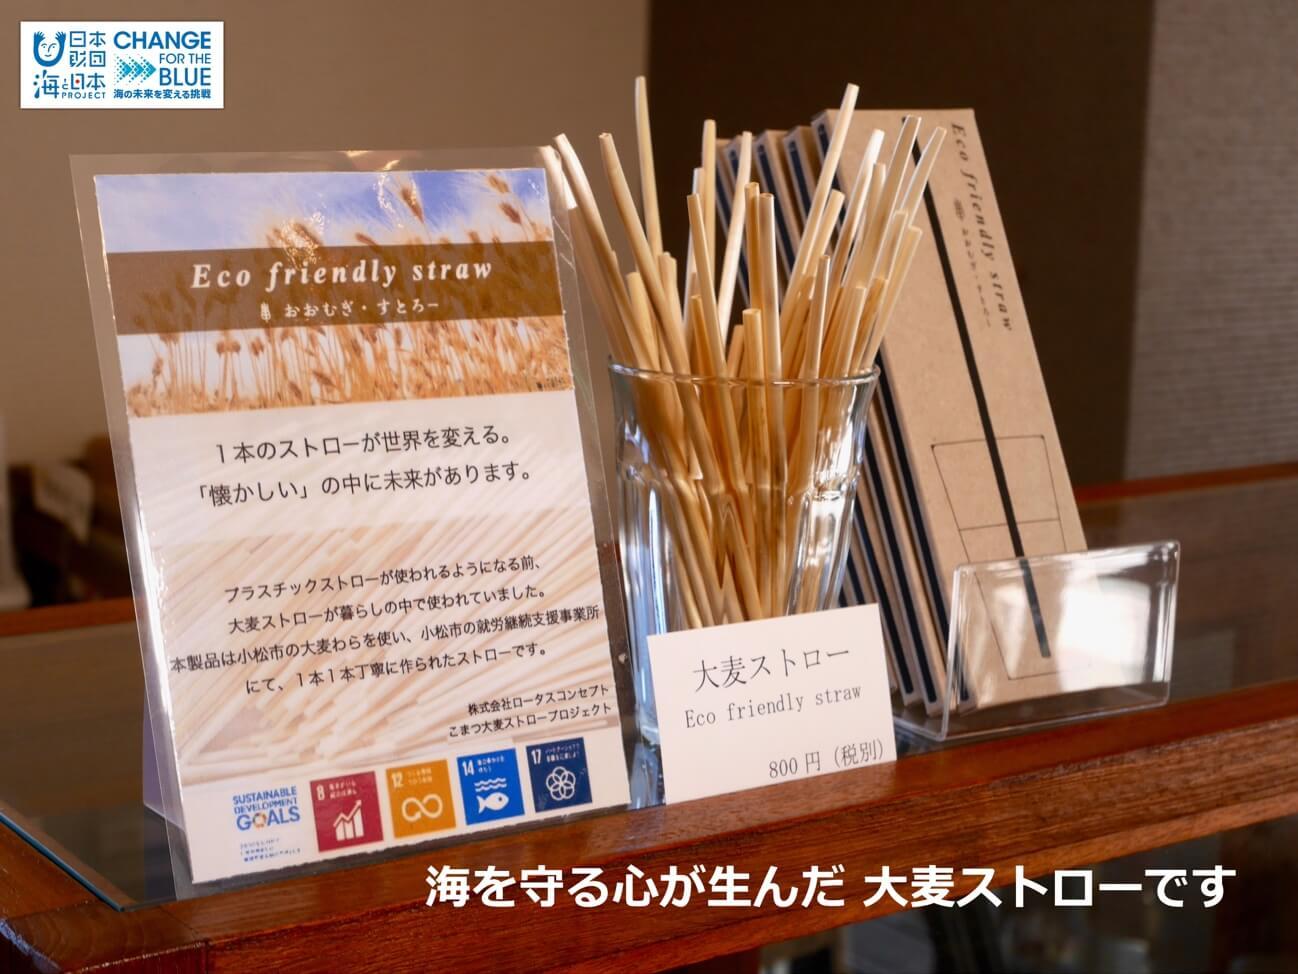 再生可能な紙や大麦のストローを通して環境問題を見つめ直そう